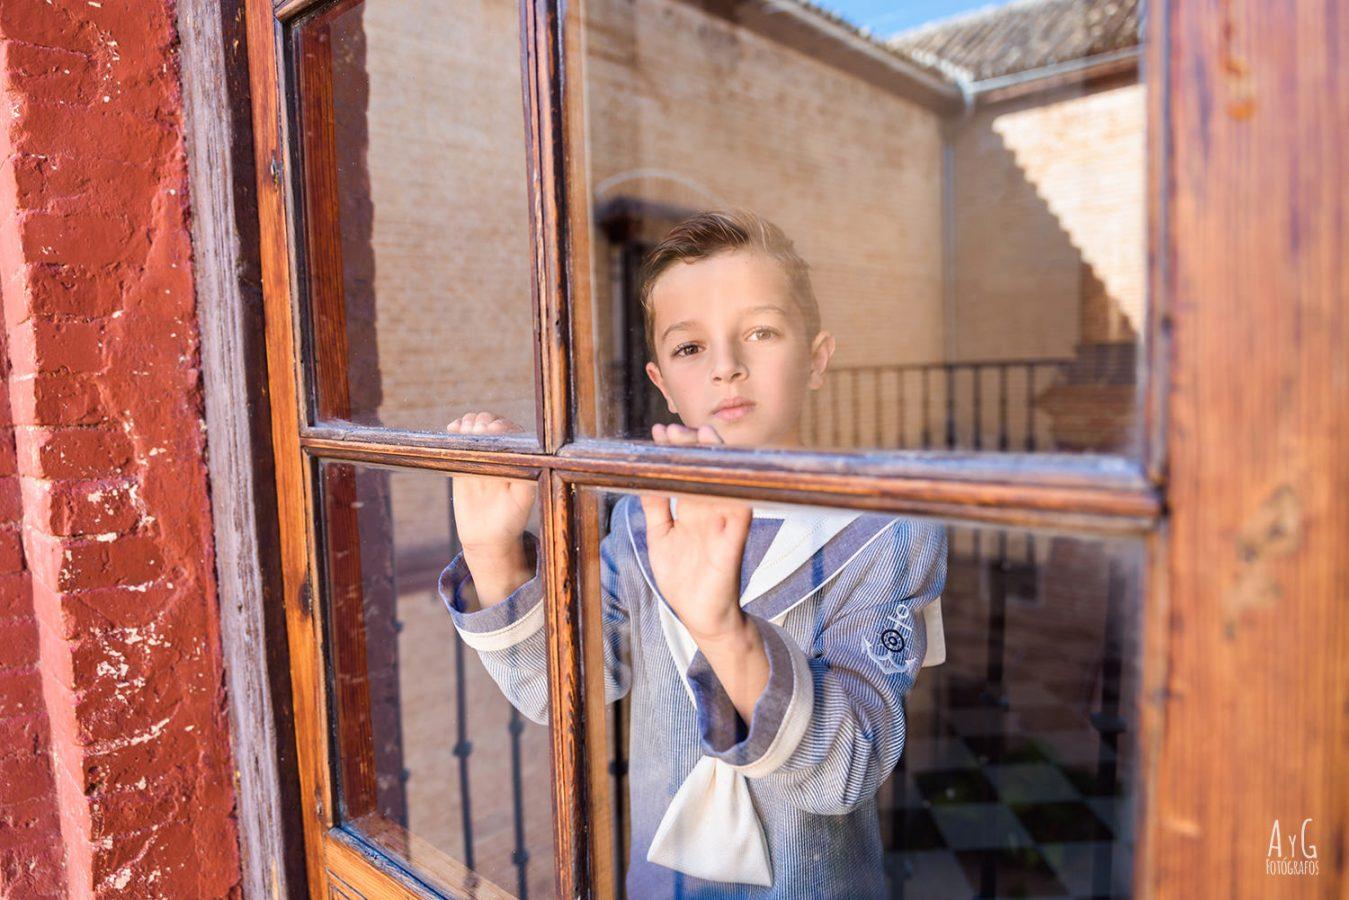 Reportaje de comunion en exteriores en ecija, Sevilla. Fotografos de La Carlota, Cordoba - 2